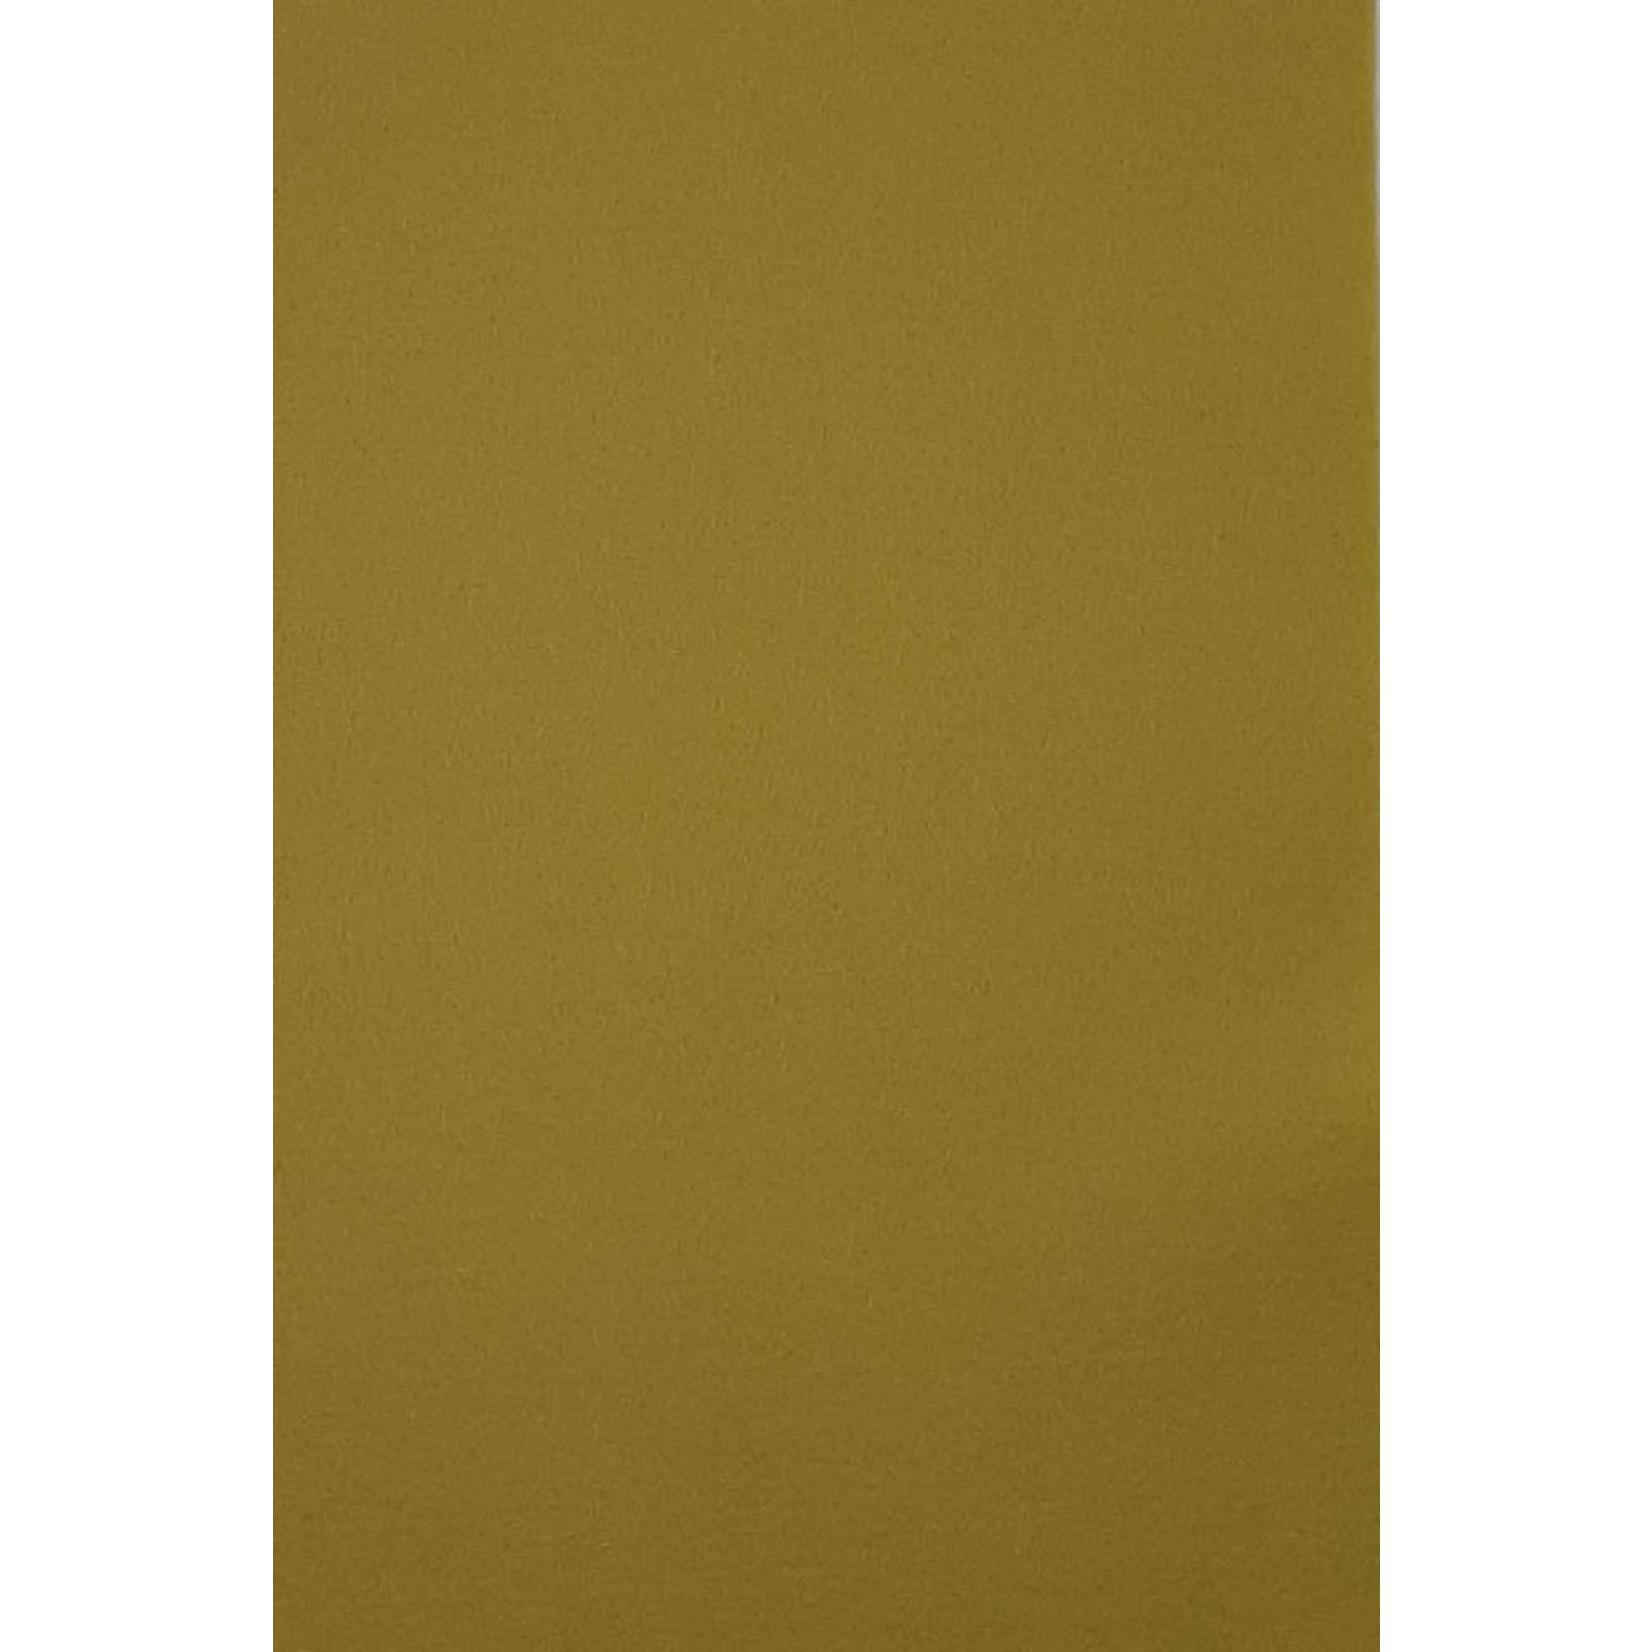 HollandFelt Wolvilt - lapje 20 x 30 cm. - kleur 13 - Pastelgroen - zuiver scheerwol- 1 mm. dik